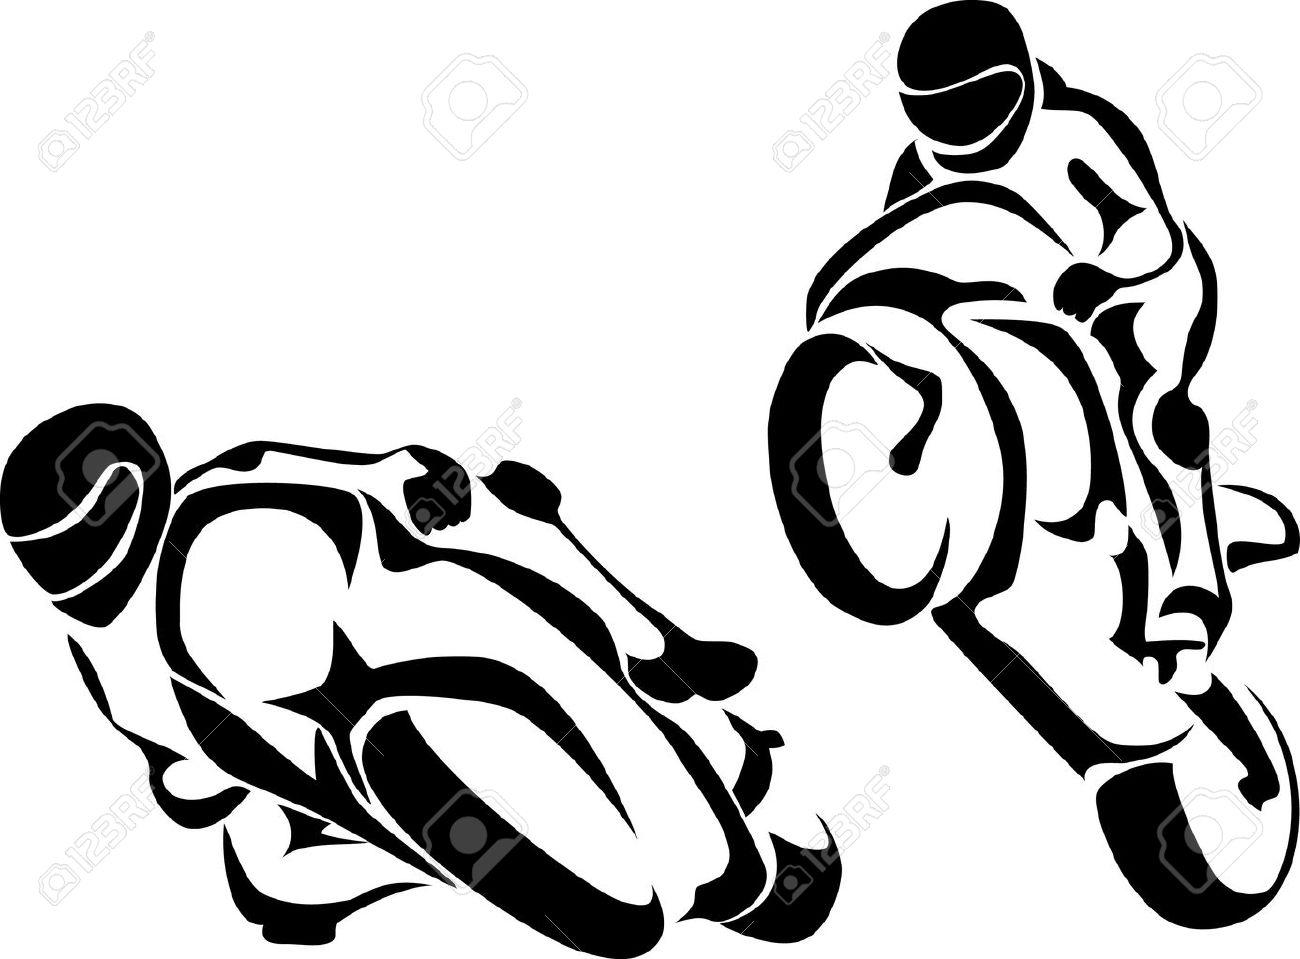 motorcyclist logo Stock Vector - 10568644